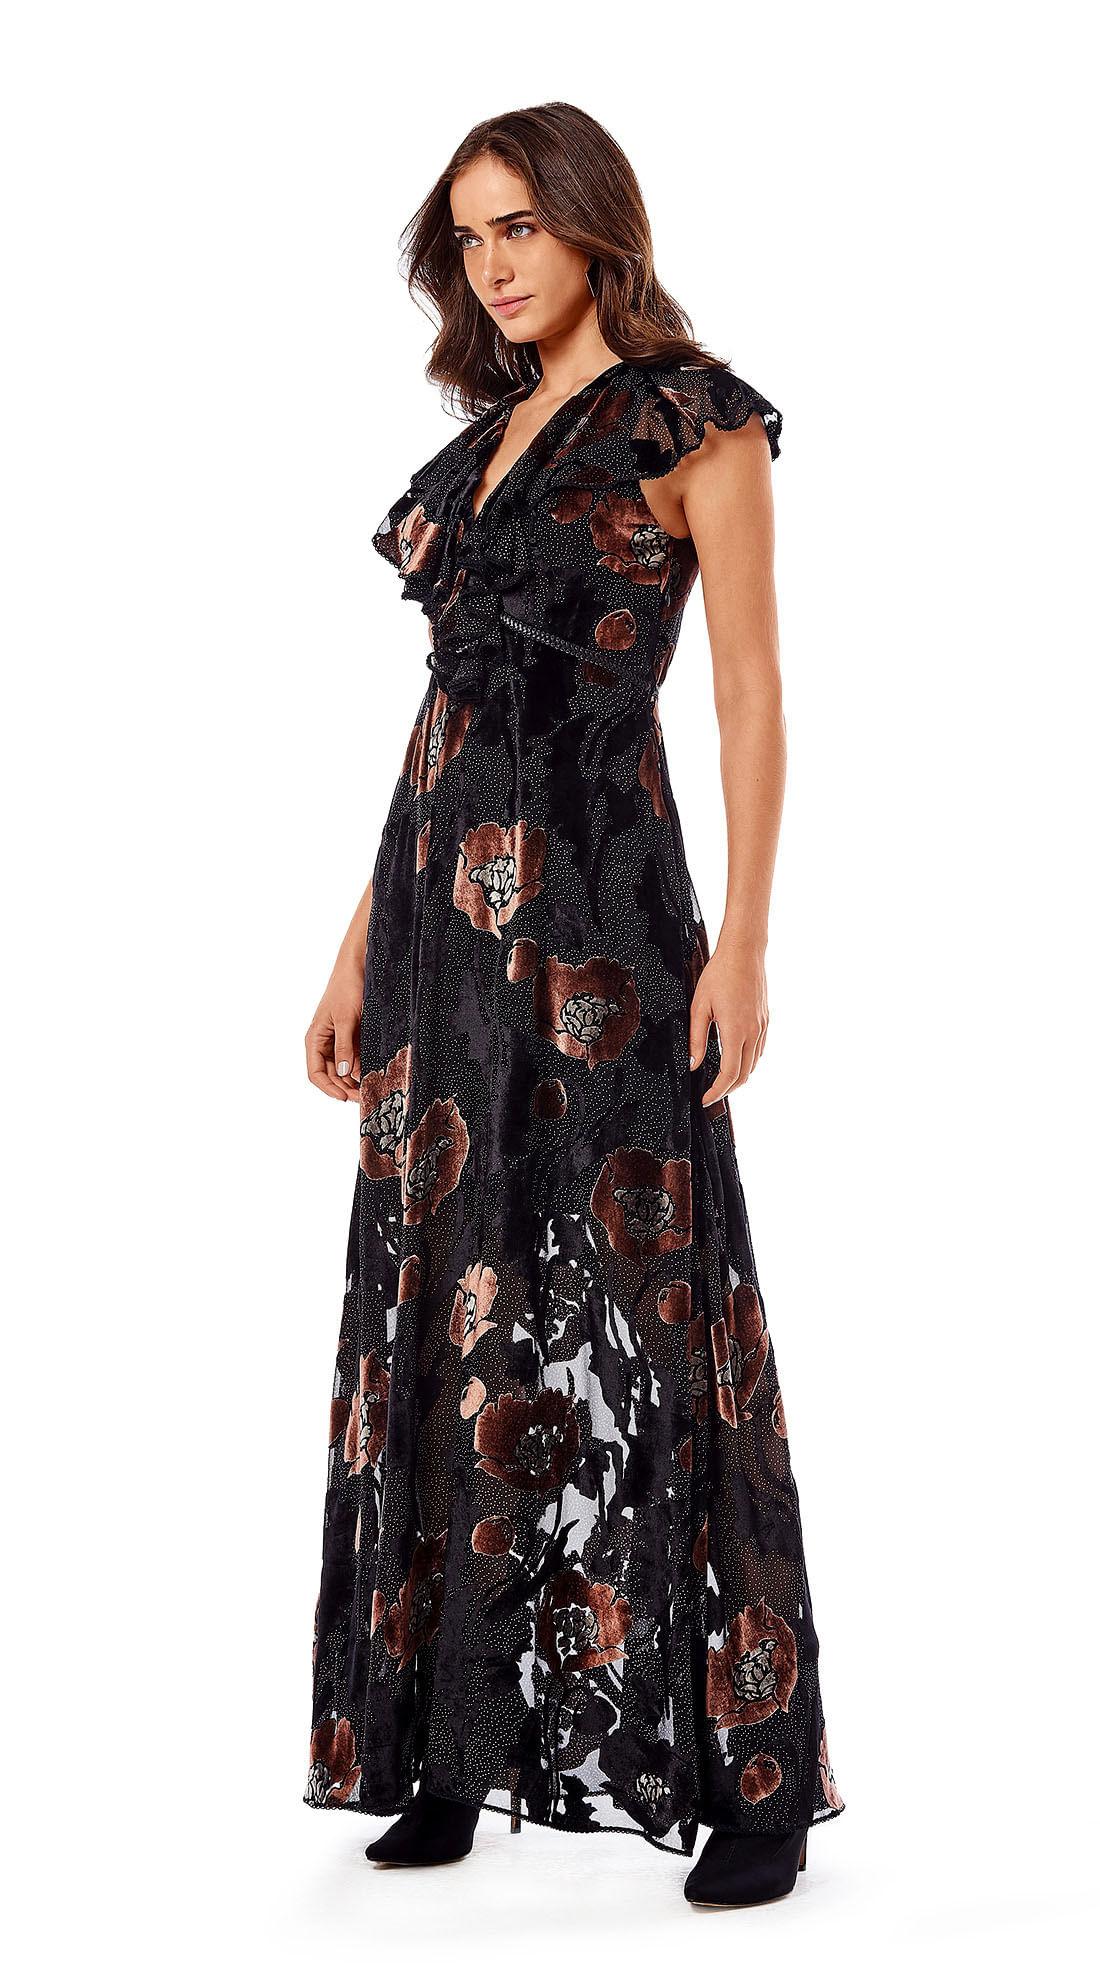 8e4526fd27 Vestido Longo Decote V Com Transparencia Preto - morenarosa